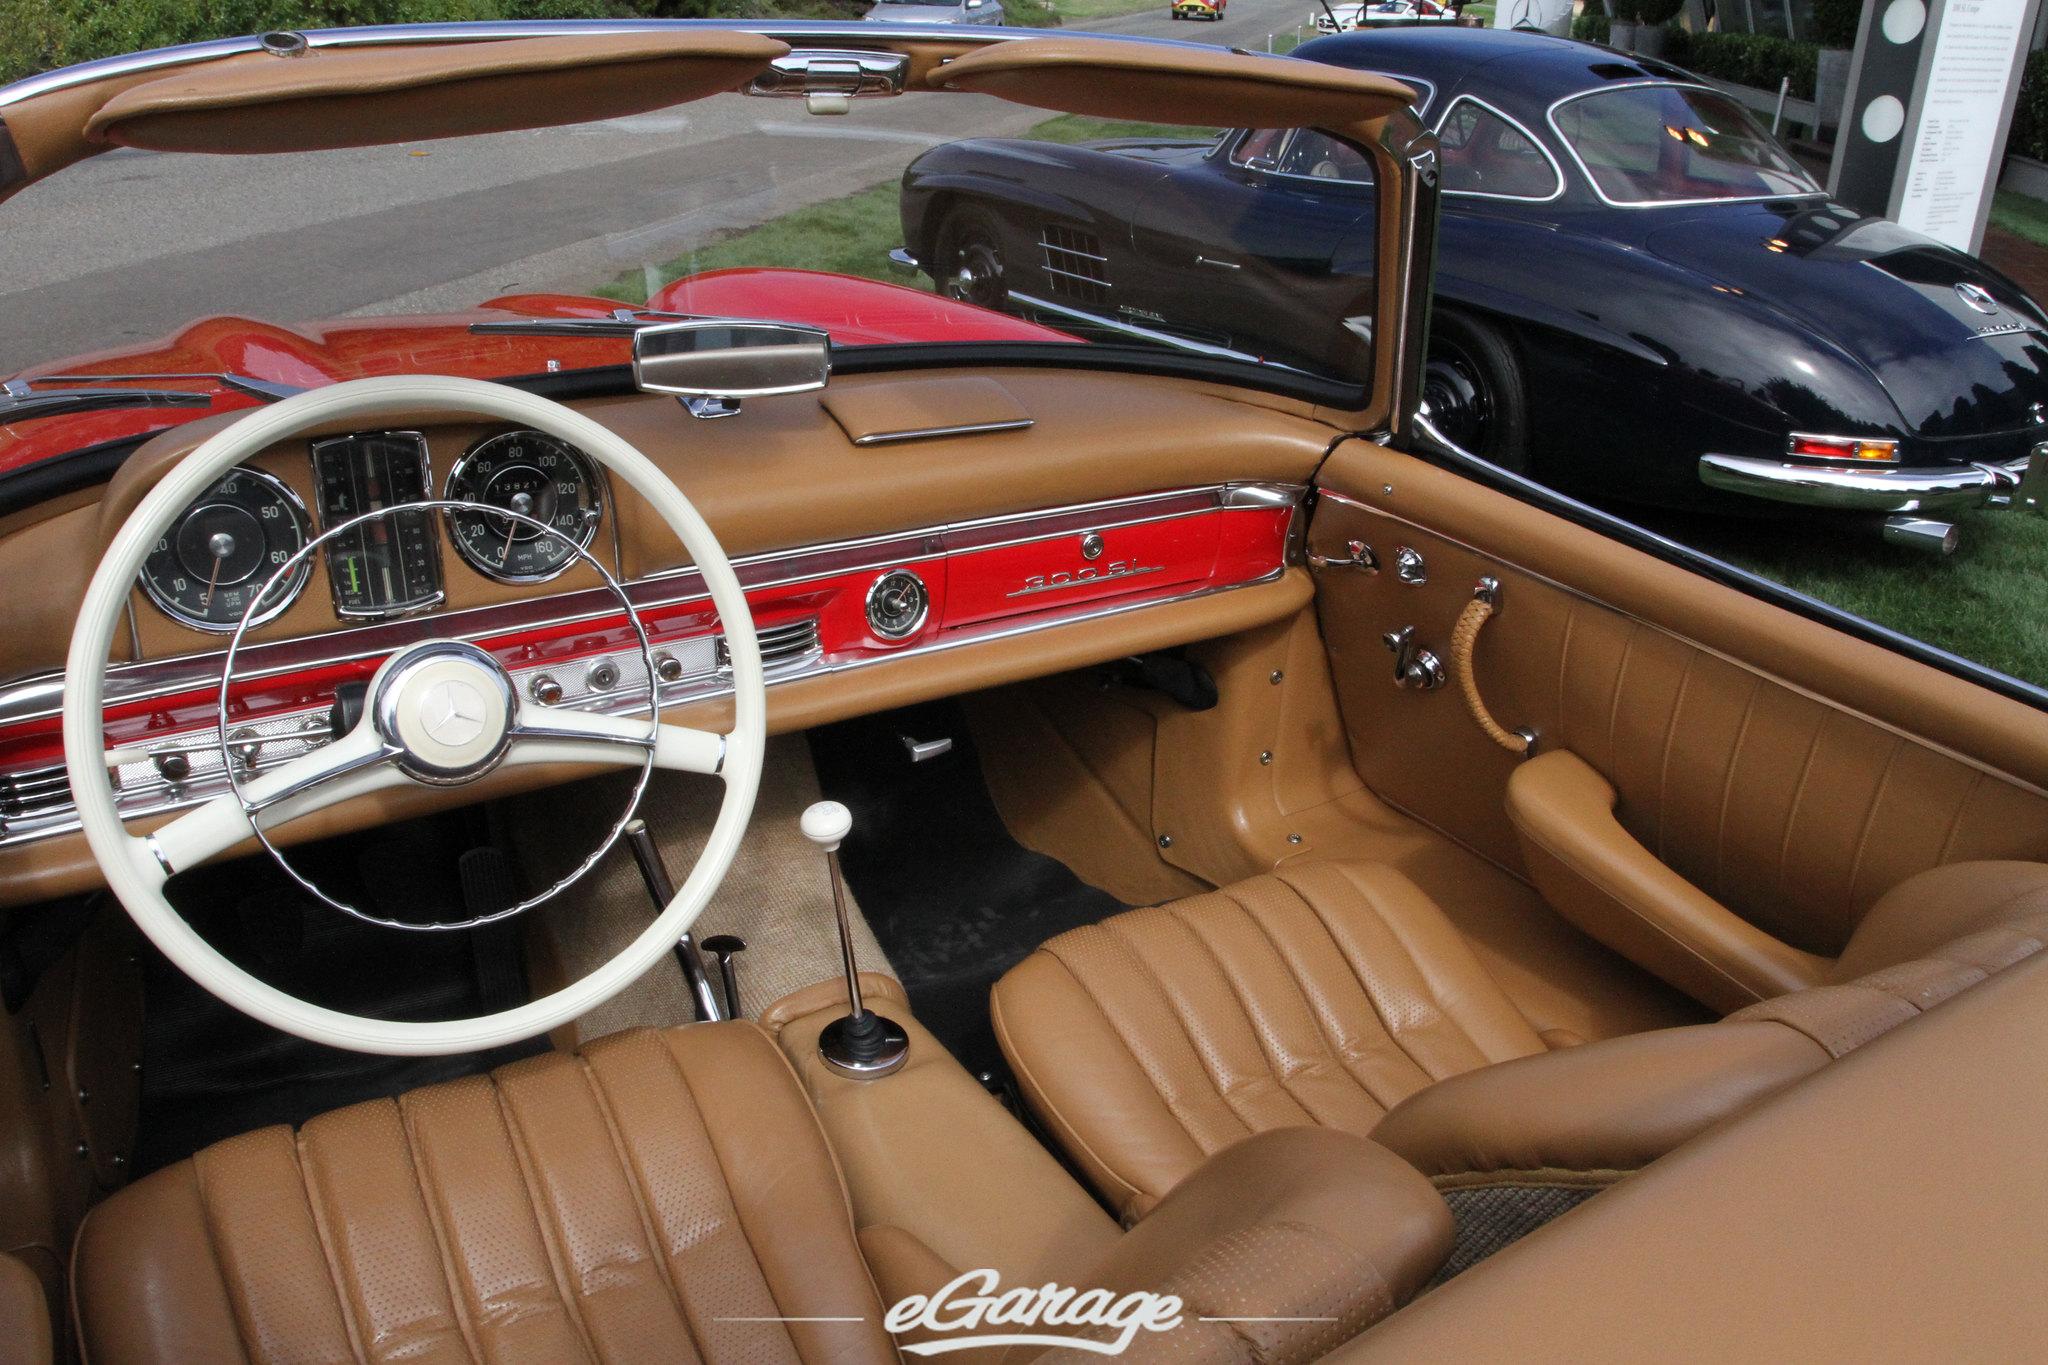 7828679168 4856649838 k Mercedes Benz Classic